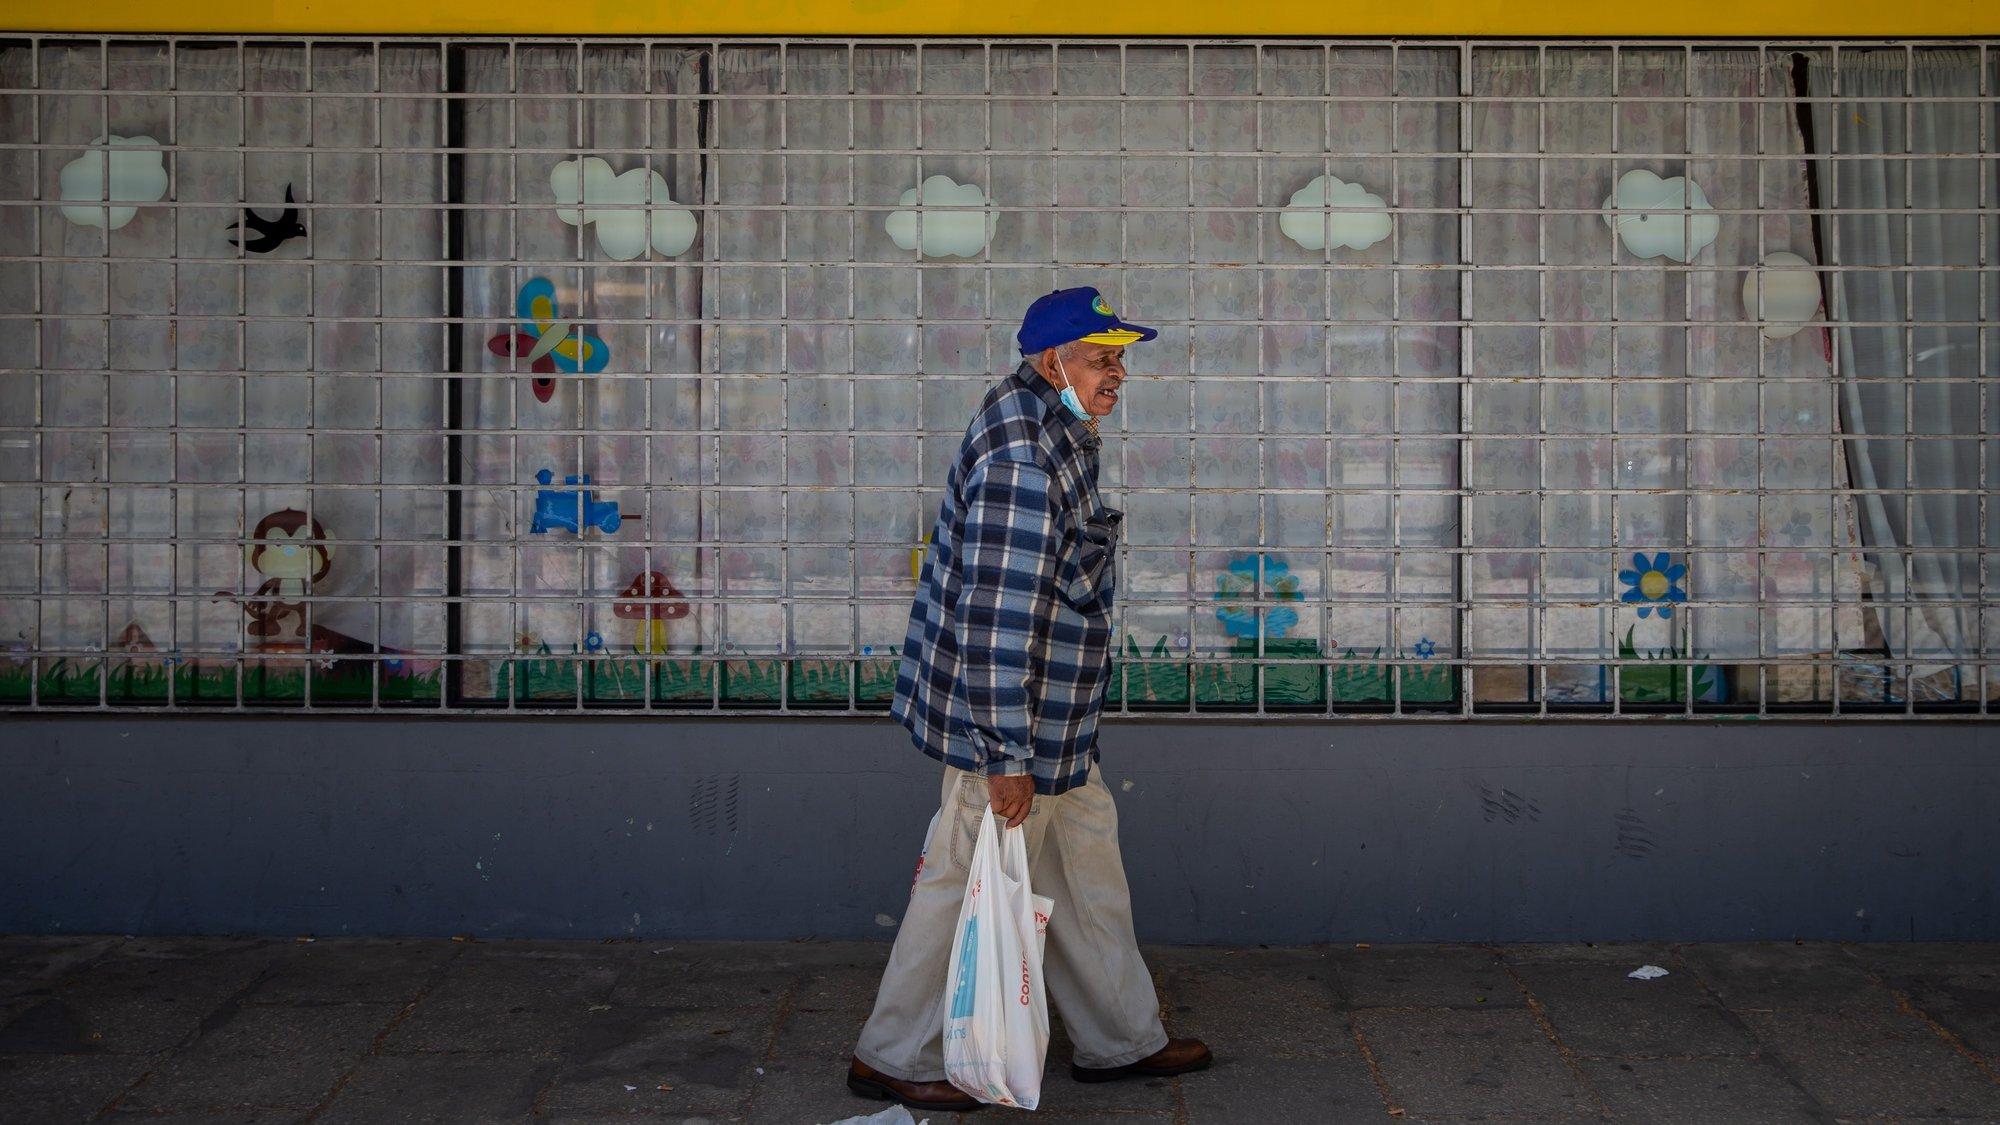 Um morador do Bairro Branco, carrega sacos de alimentos provenientes do Banco Alimentar contra a Fome, na Associação Padre Amadeu Pinto, que funciona desde 2007 e atua na prevenção contra o crime, apoio a crianças em contexto de pobreza e distribuição de alimentos, no Bairro Branco, Pragal, Almada, 22 de abril de 2021. (ACOMPANHA TEXTO DE 03 DE MAIO DE 2021). JOSÉ SENA GOULÃO/LUSA